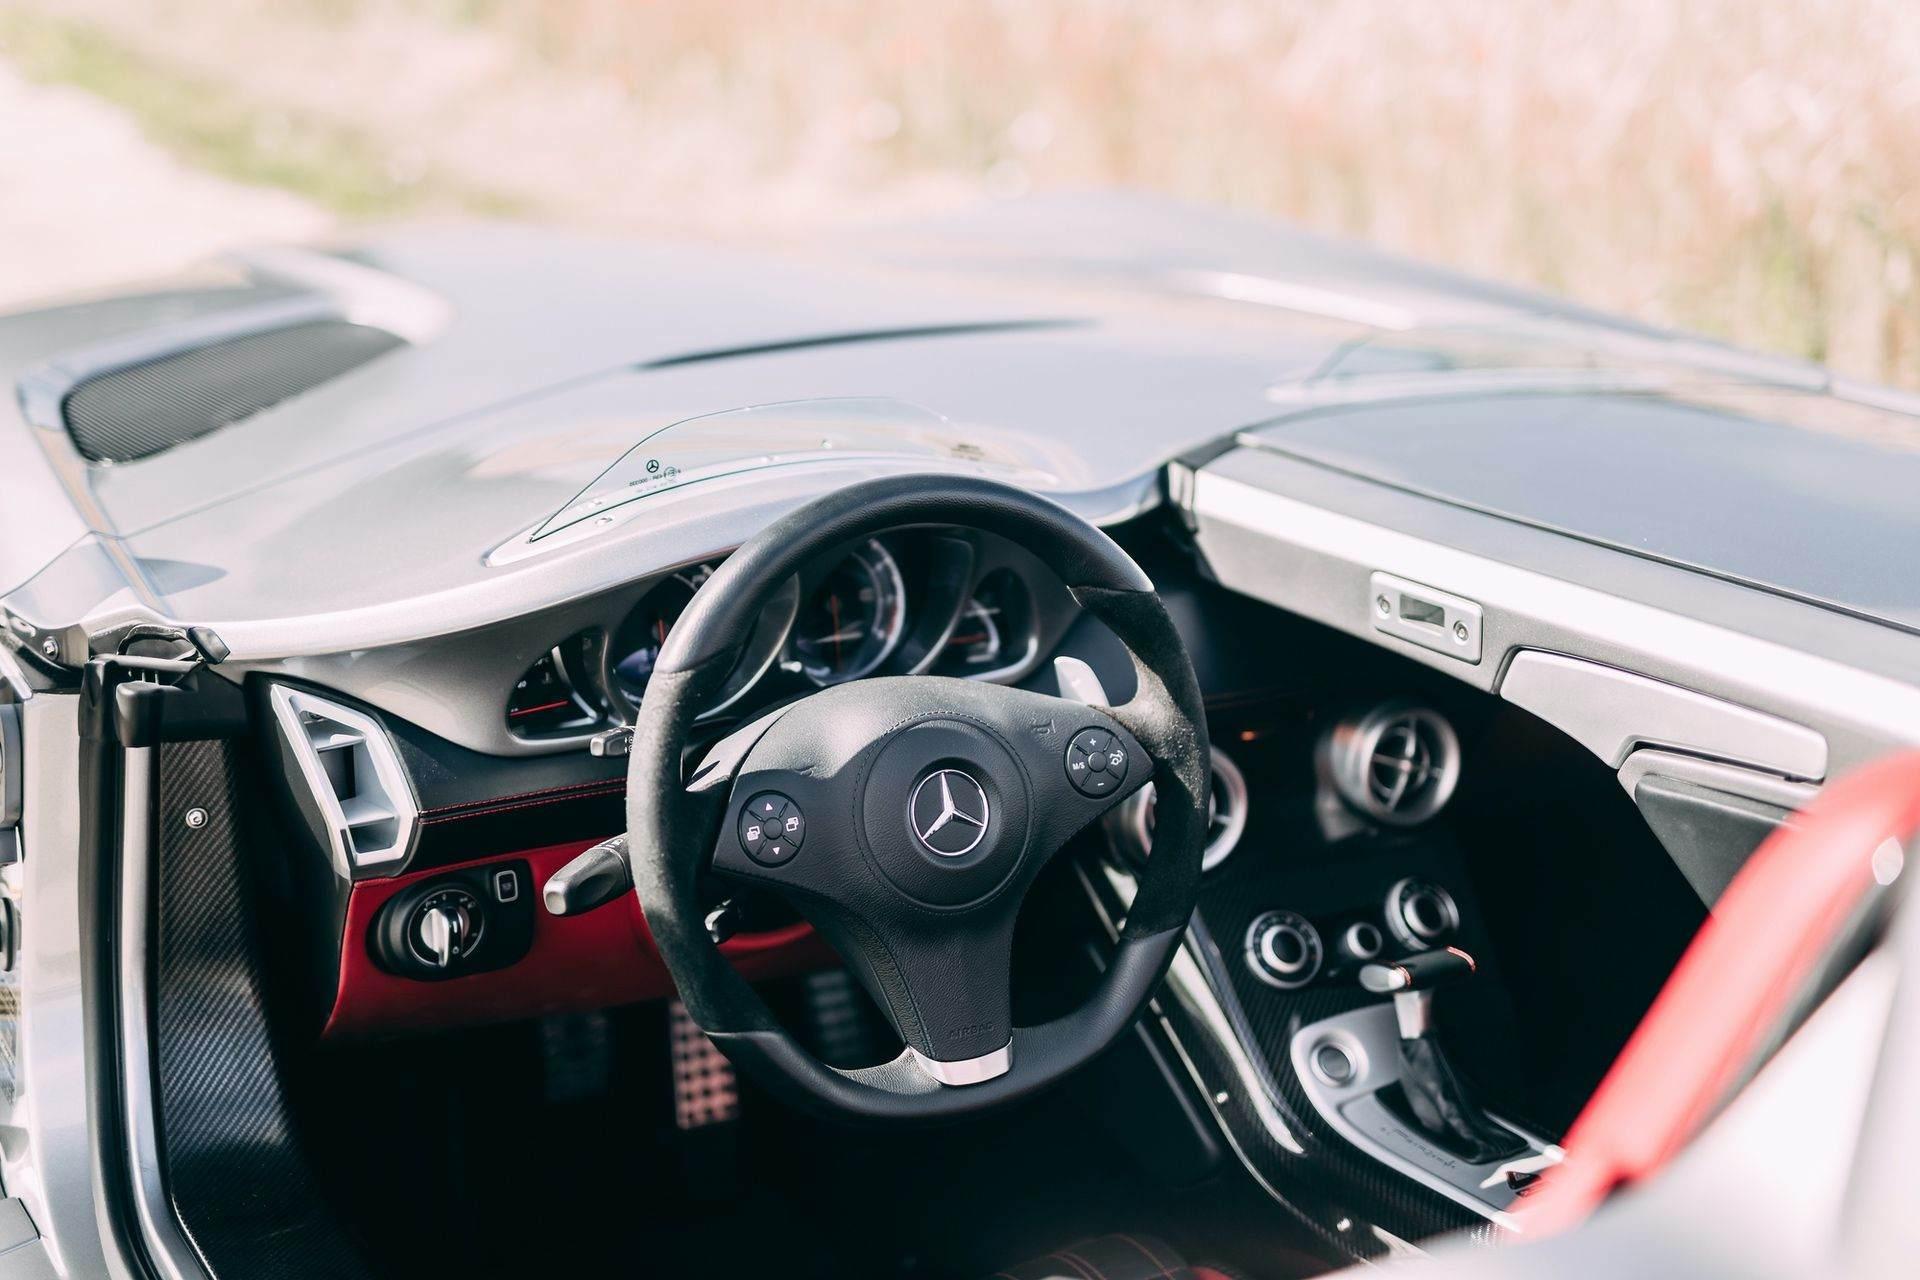 2009-Mercedes-Benz-SLR-McLaren-Stirling-Moss-_11